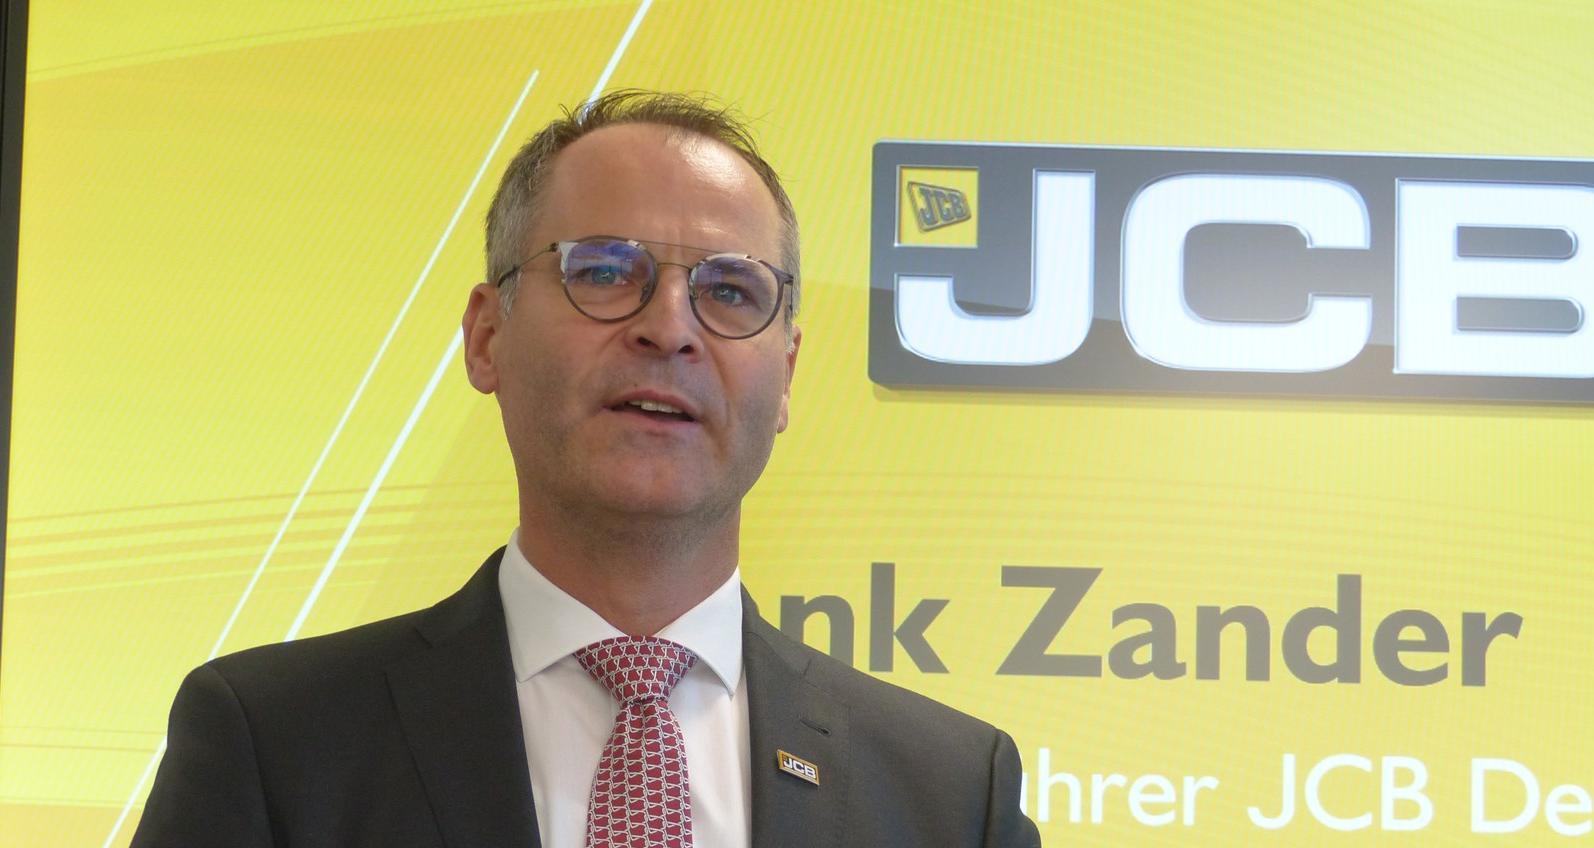 Geschäftsführer Frank Zander erläutert die Perspektiven von JCB Deutschland.